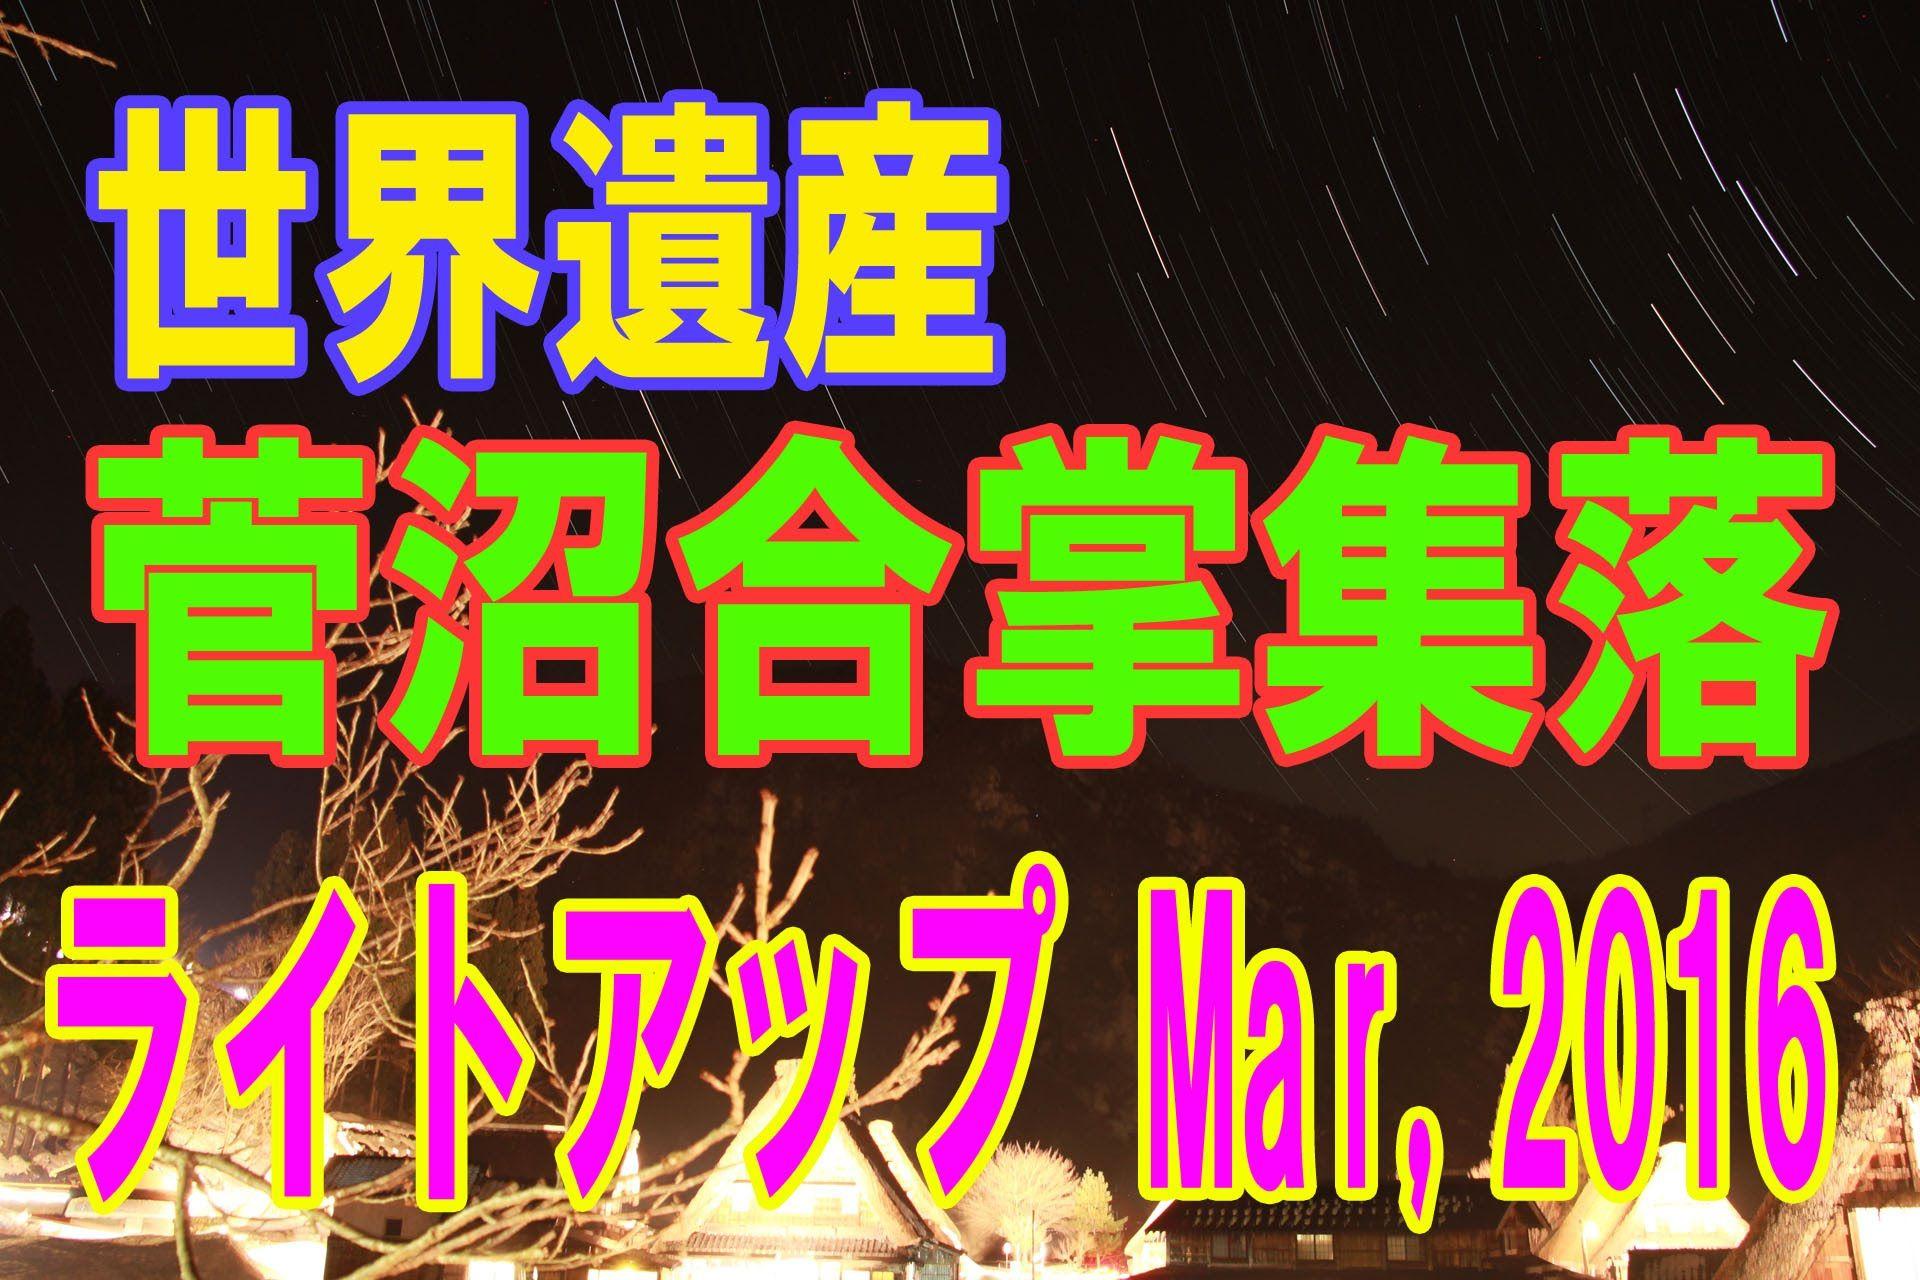 【散策物語】 世界遺産「五箇山合掌集落/菅沼地区」 雪のライトアップ2016